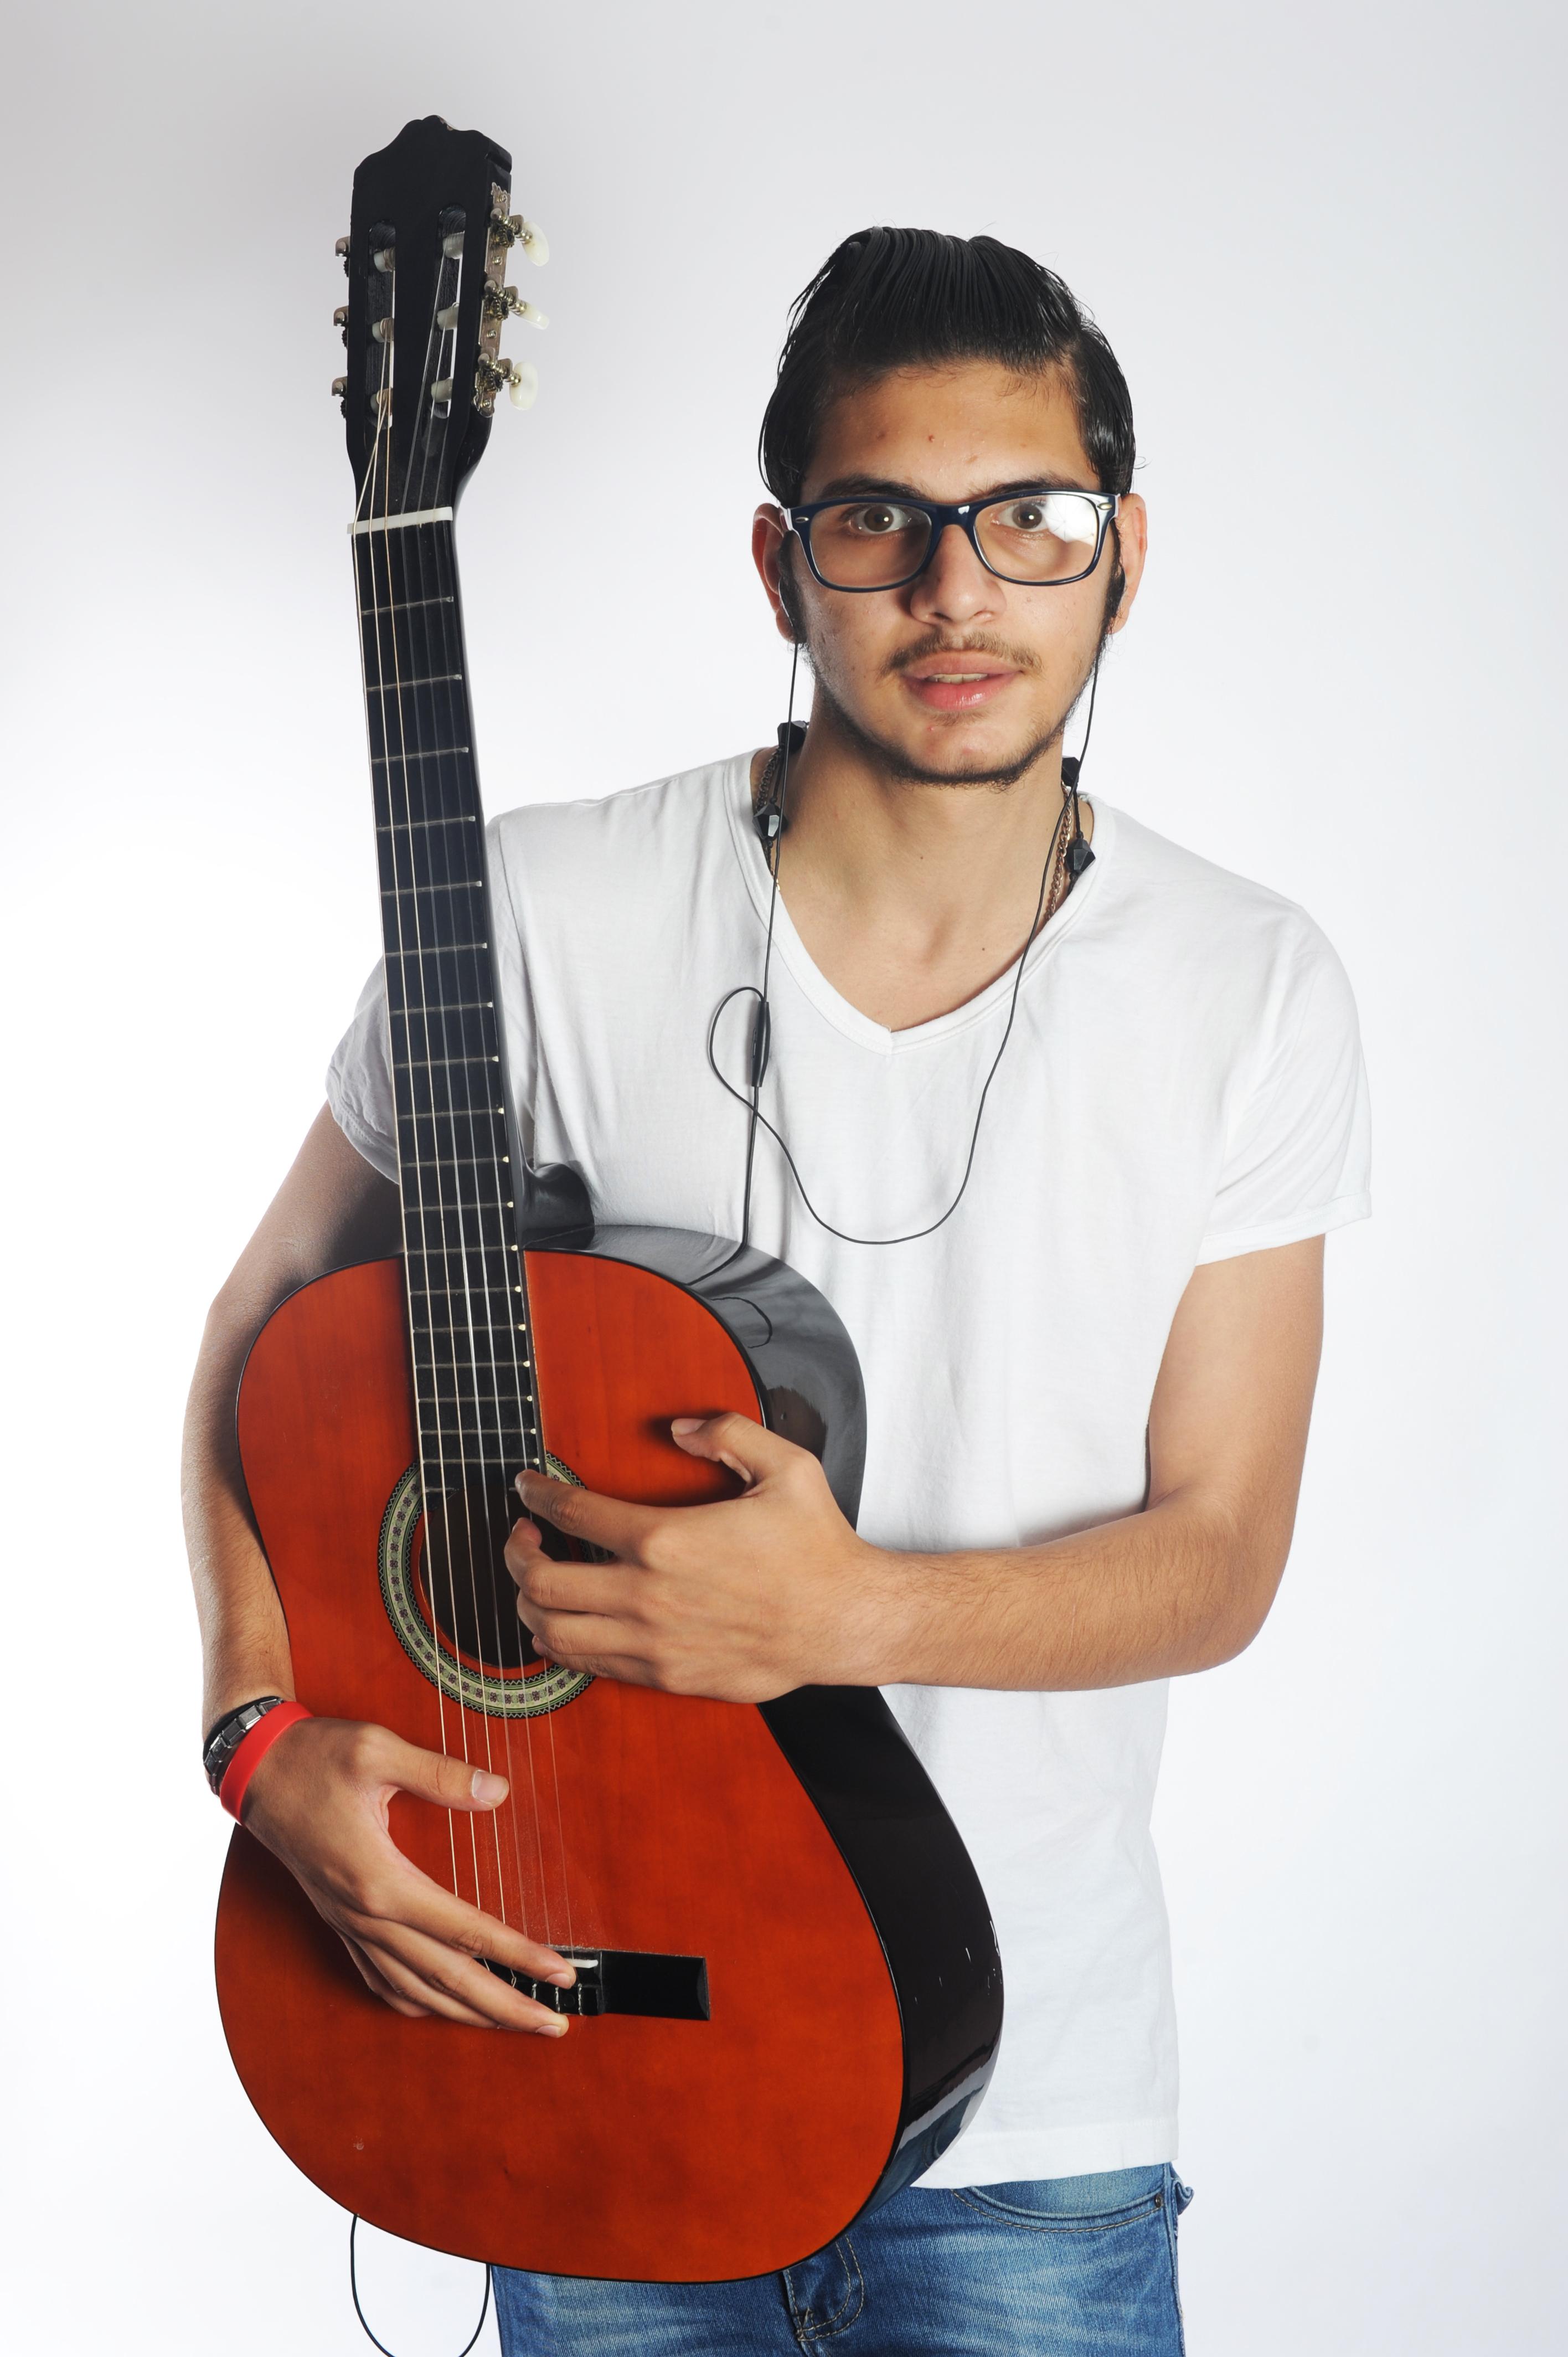 MOUDY AK VASAF Artiste - voix des artistes sans frontiere